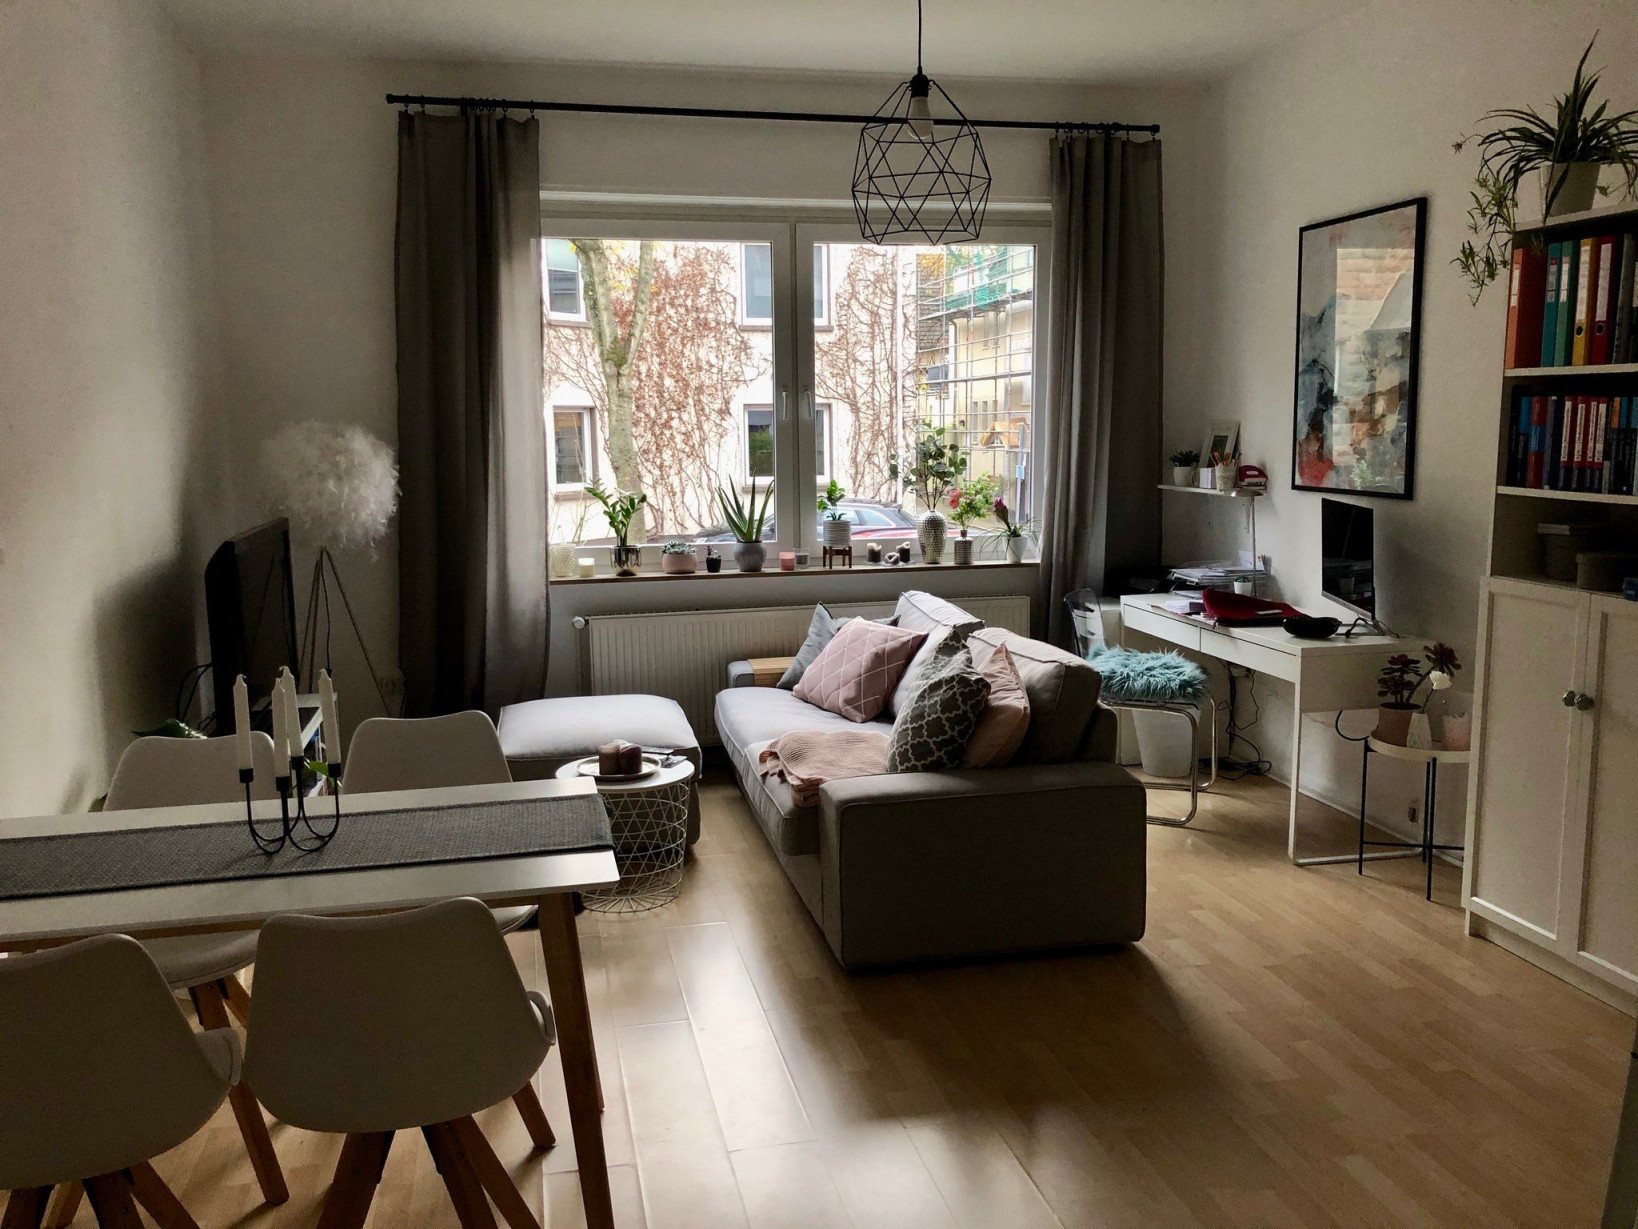 Schönes Wohn Und Esszimmer  Wohnung Innenarchitektur von Quadratisches Wohnzimmer Einrichten Photo